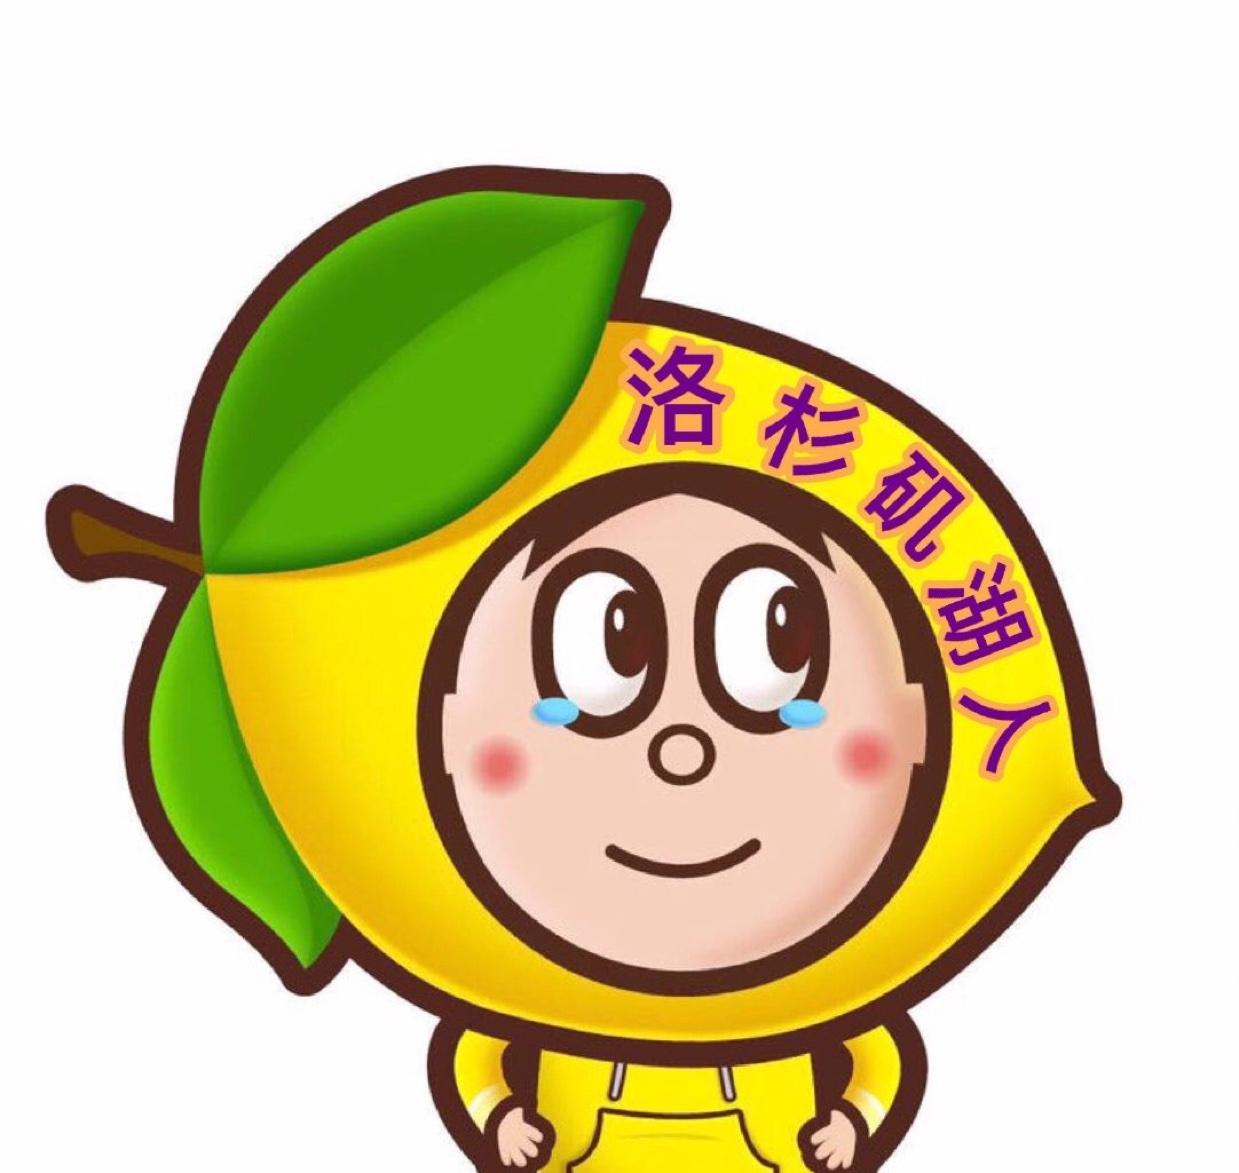 刘刘刘刘刘刘liu